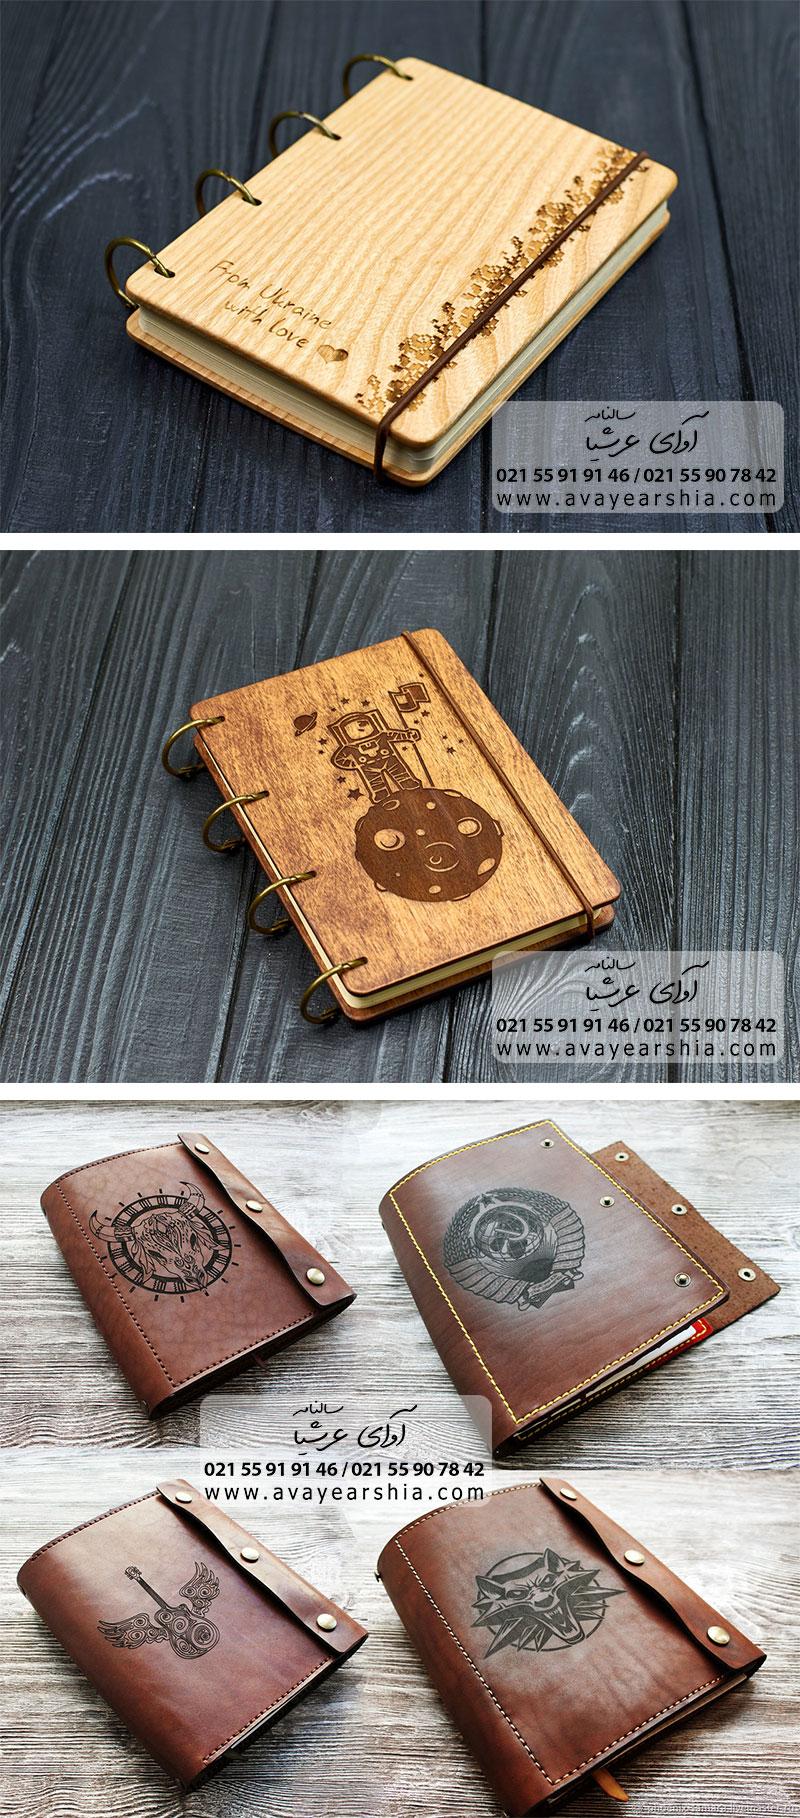 سالنامه جیبی و کوچک سال 1400